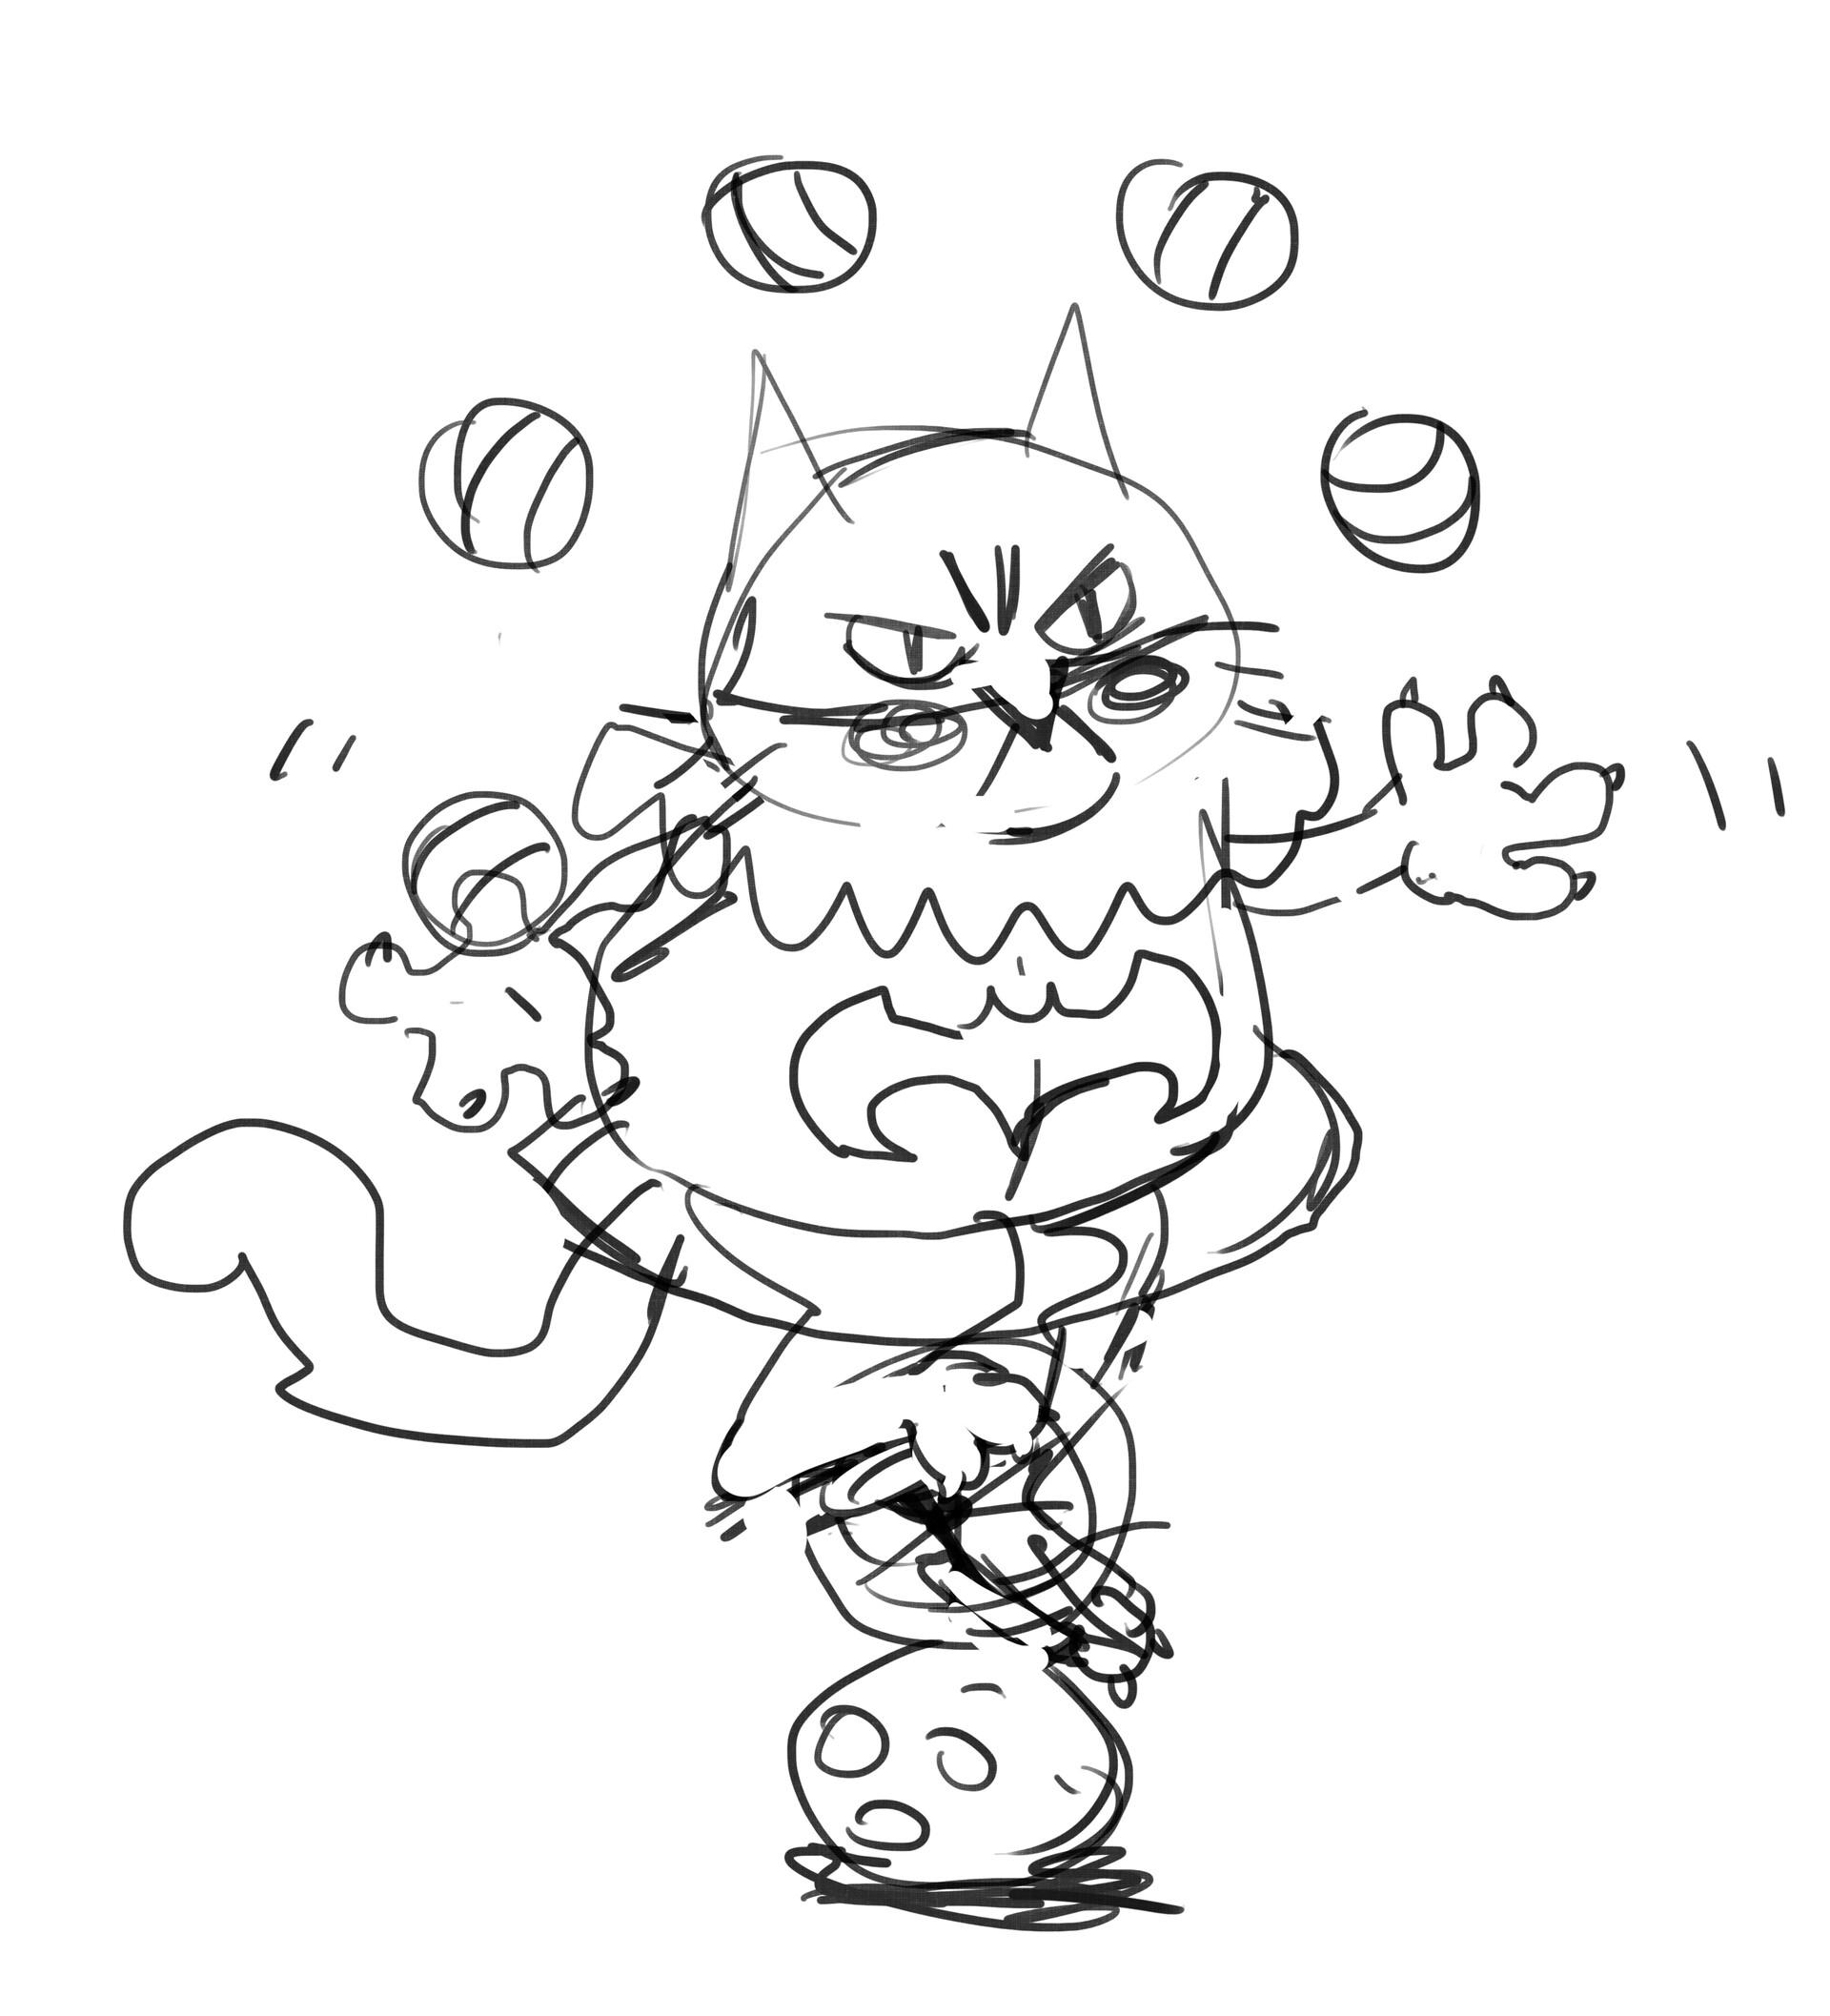 Korina hunjak masked cat jester sketch